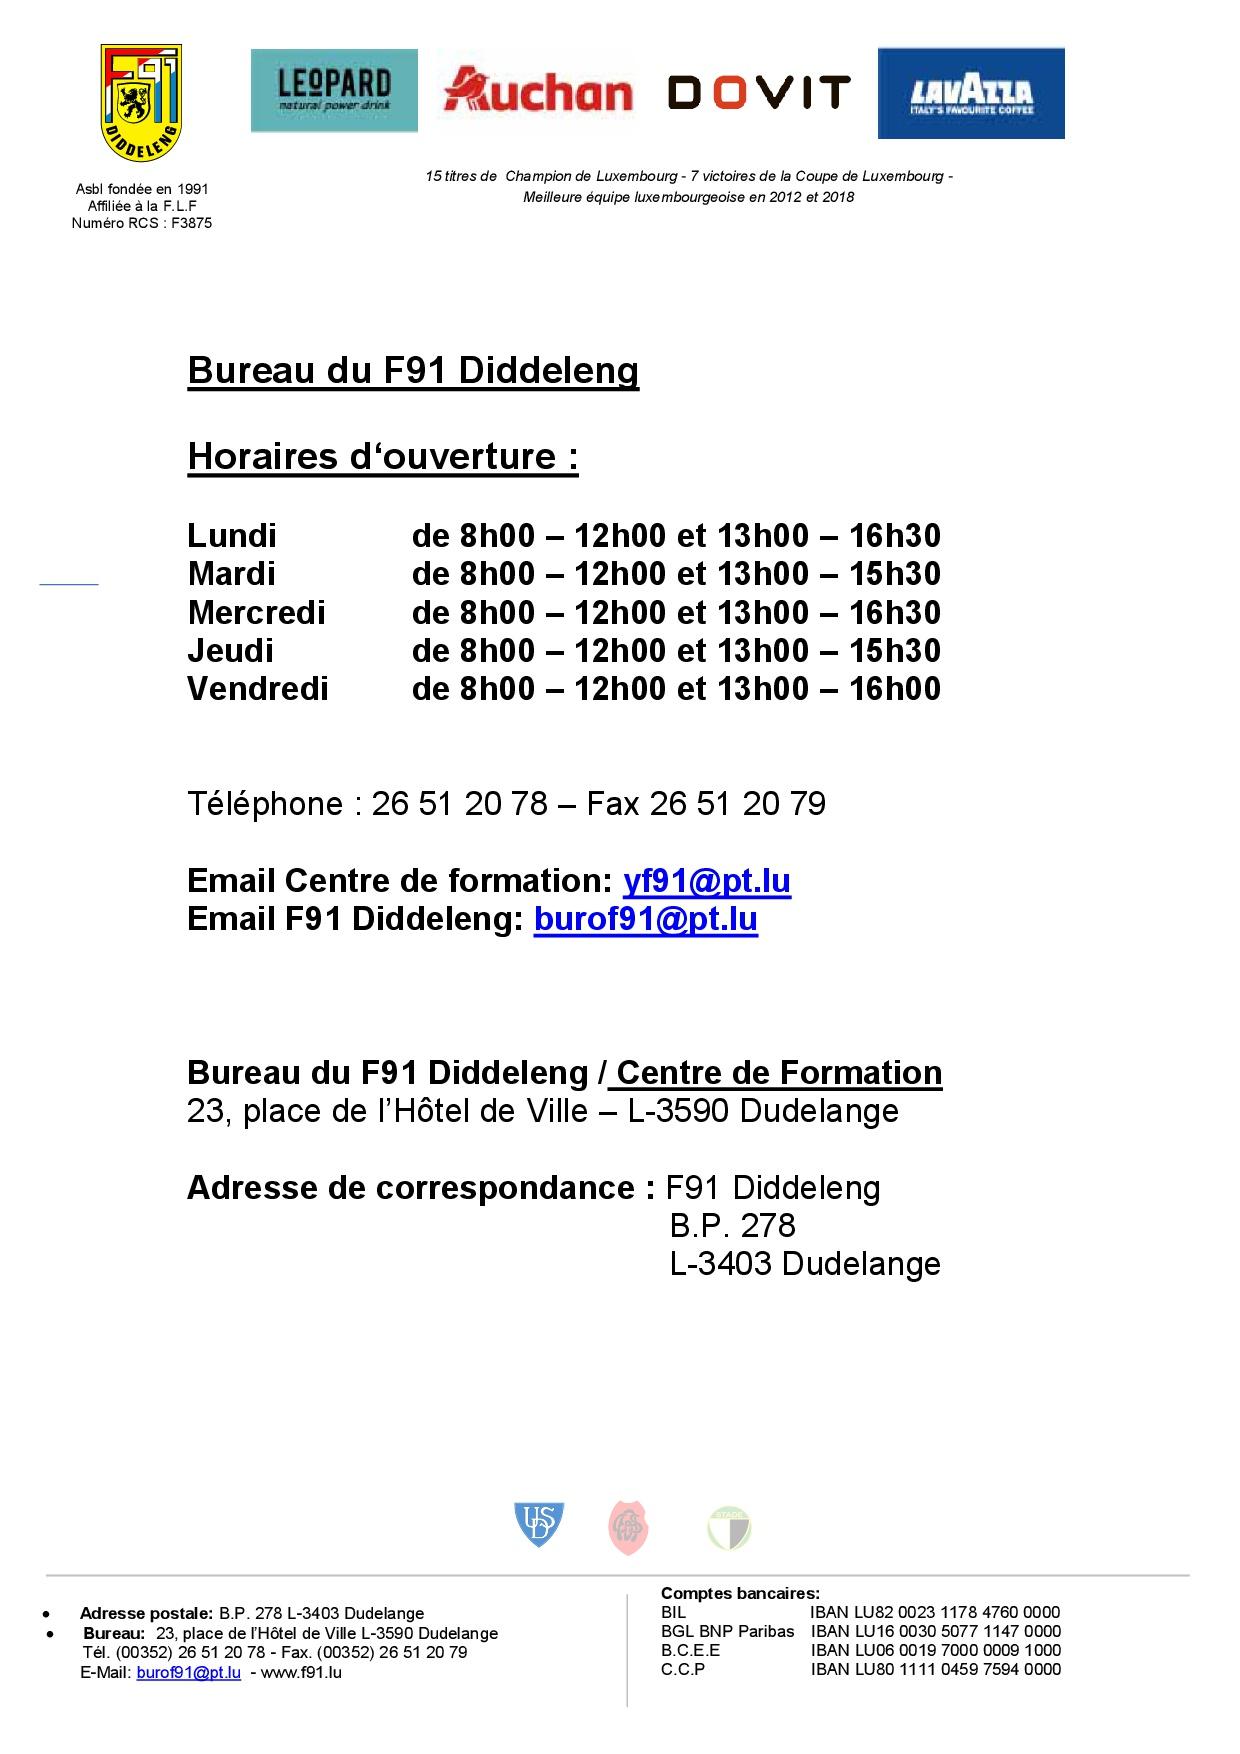 Nouveaux horaires du bureau F91 Diddeleng et du Centre de Formation F91